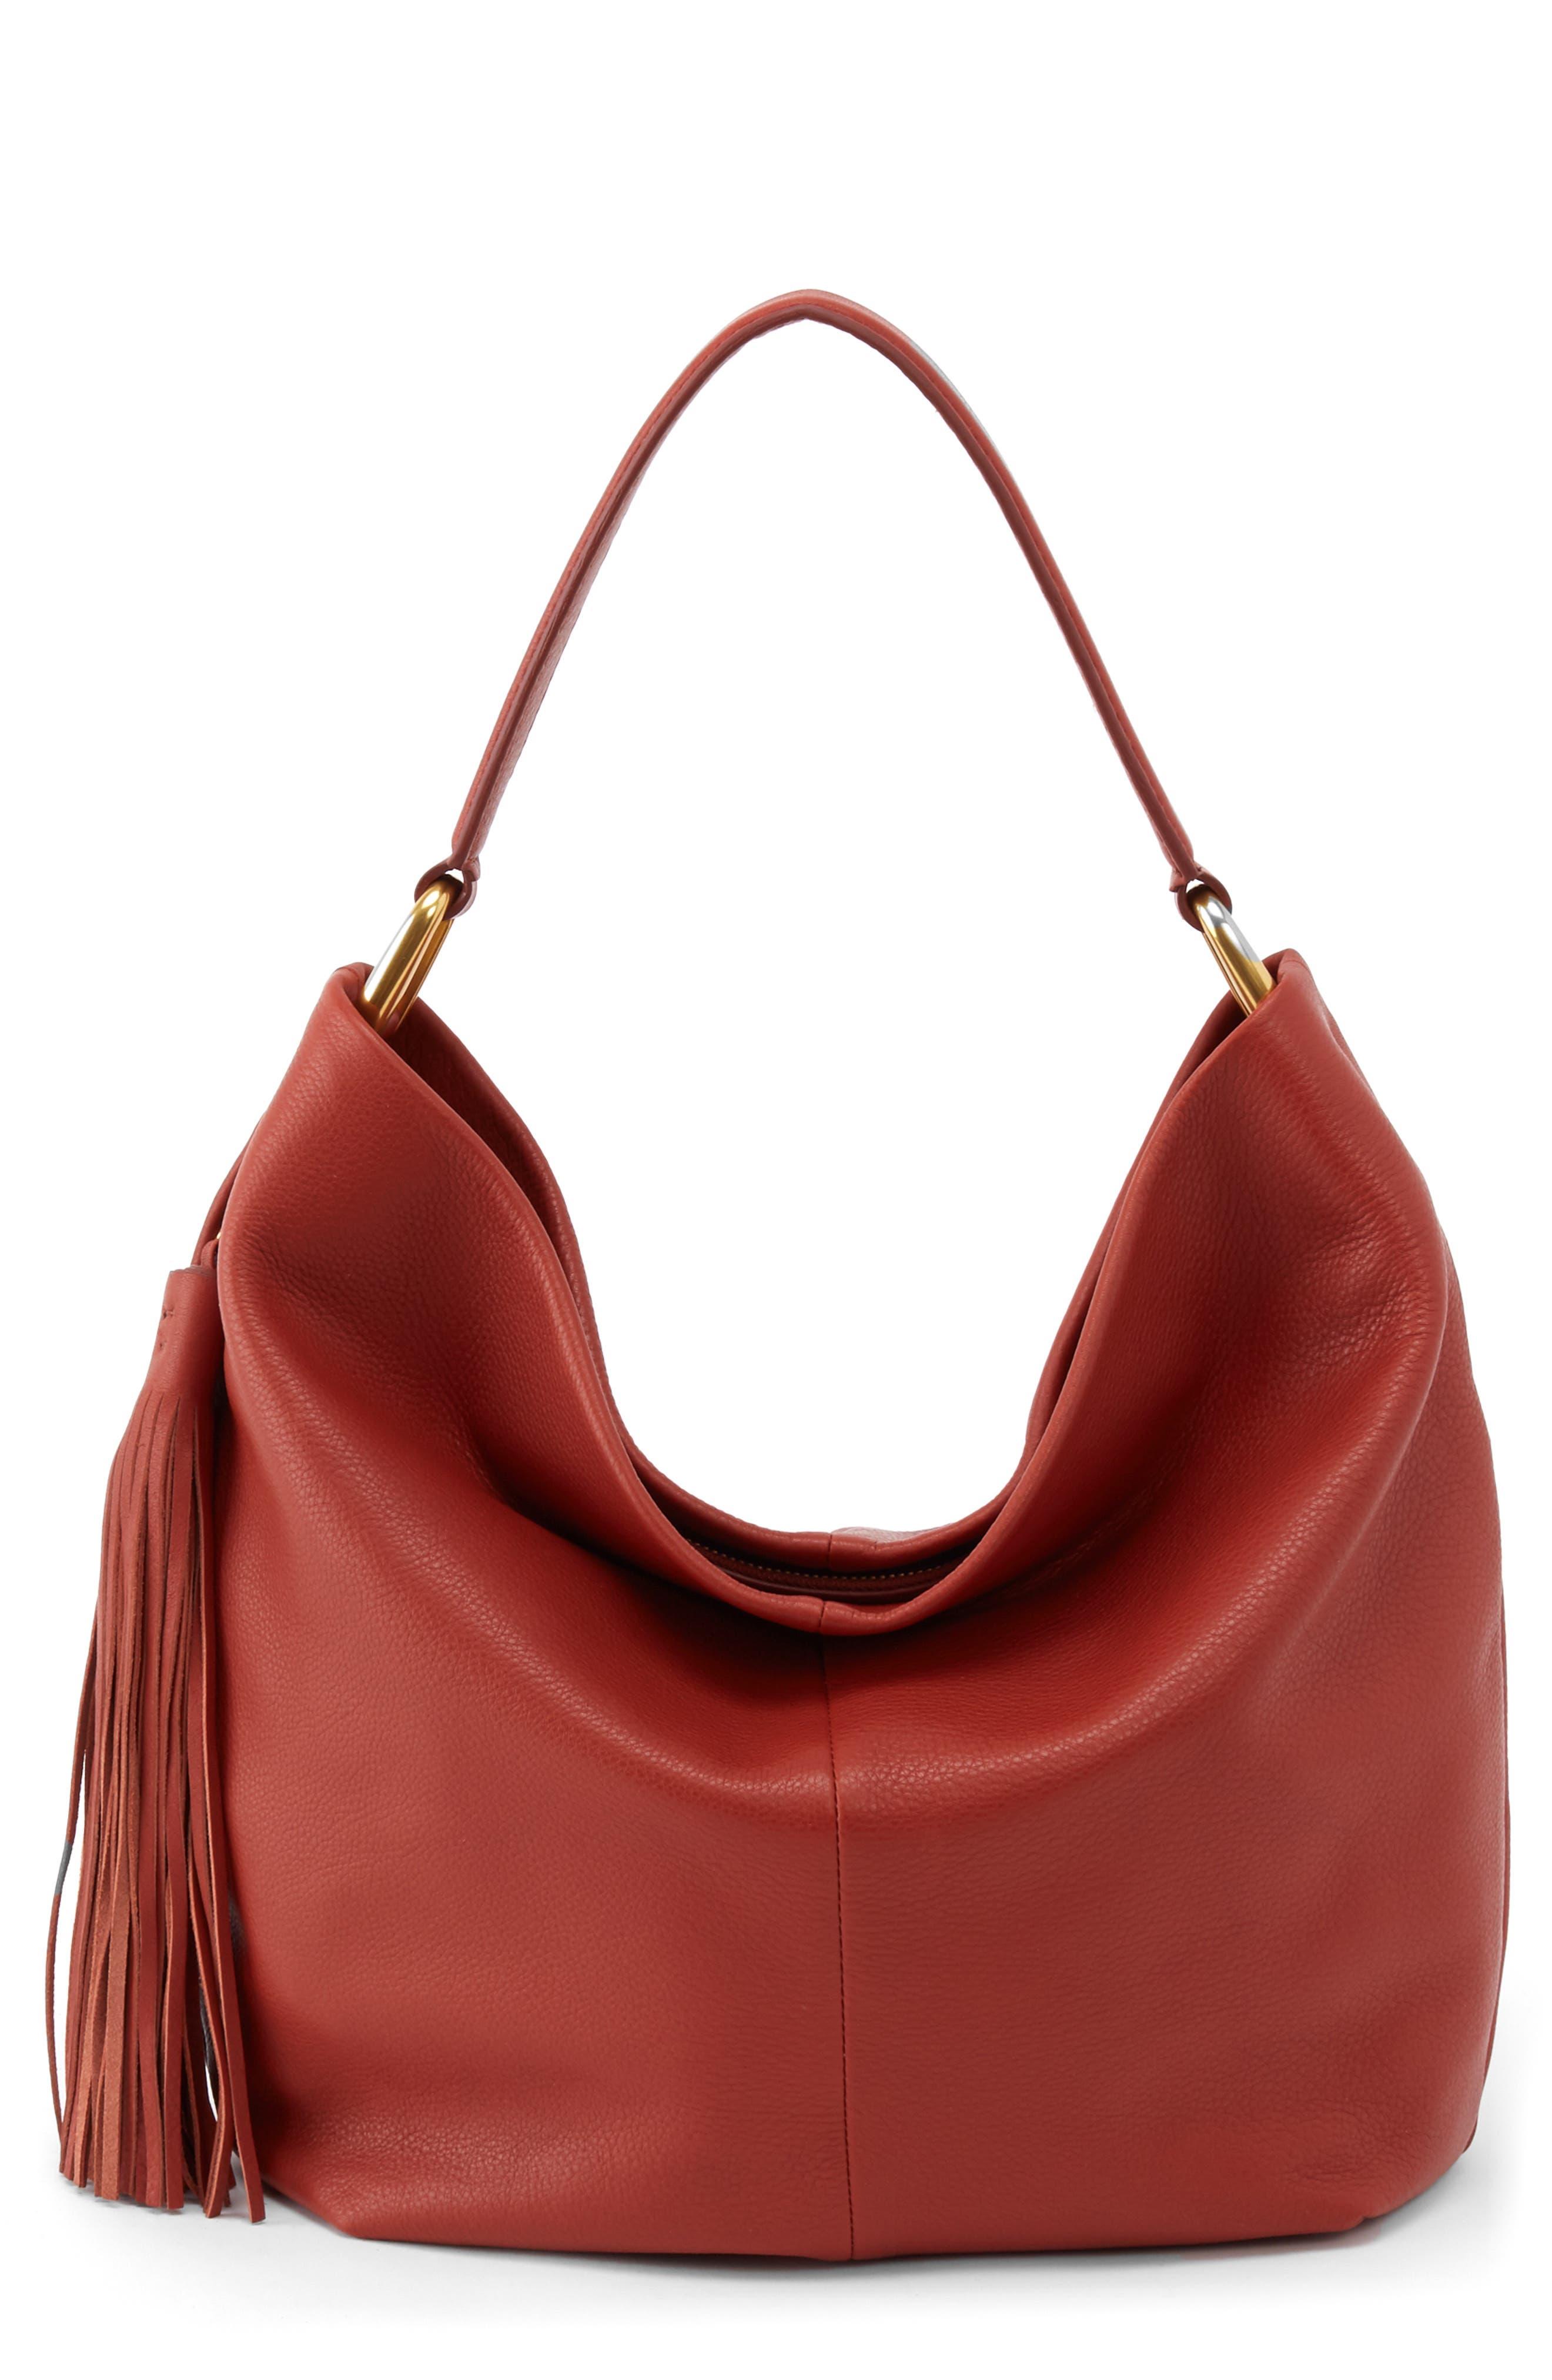 5b0ac3afd437 Shoulder Bags | Nordstrom